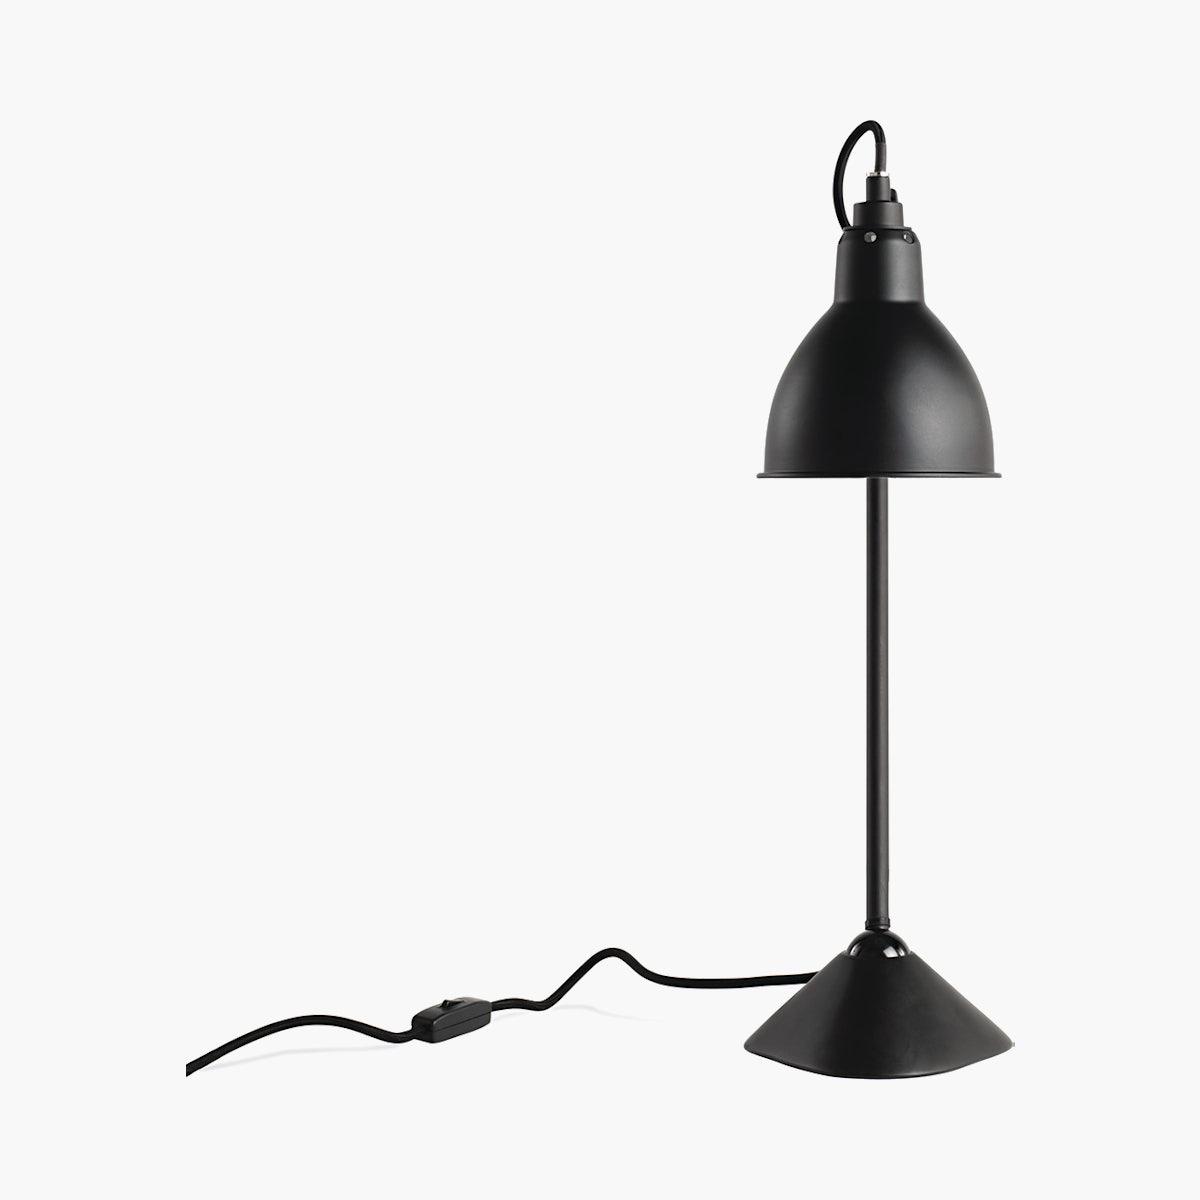 Lampe Gras Model 205 Task Lamp